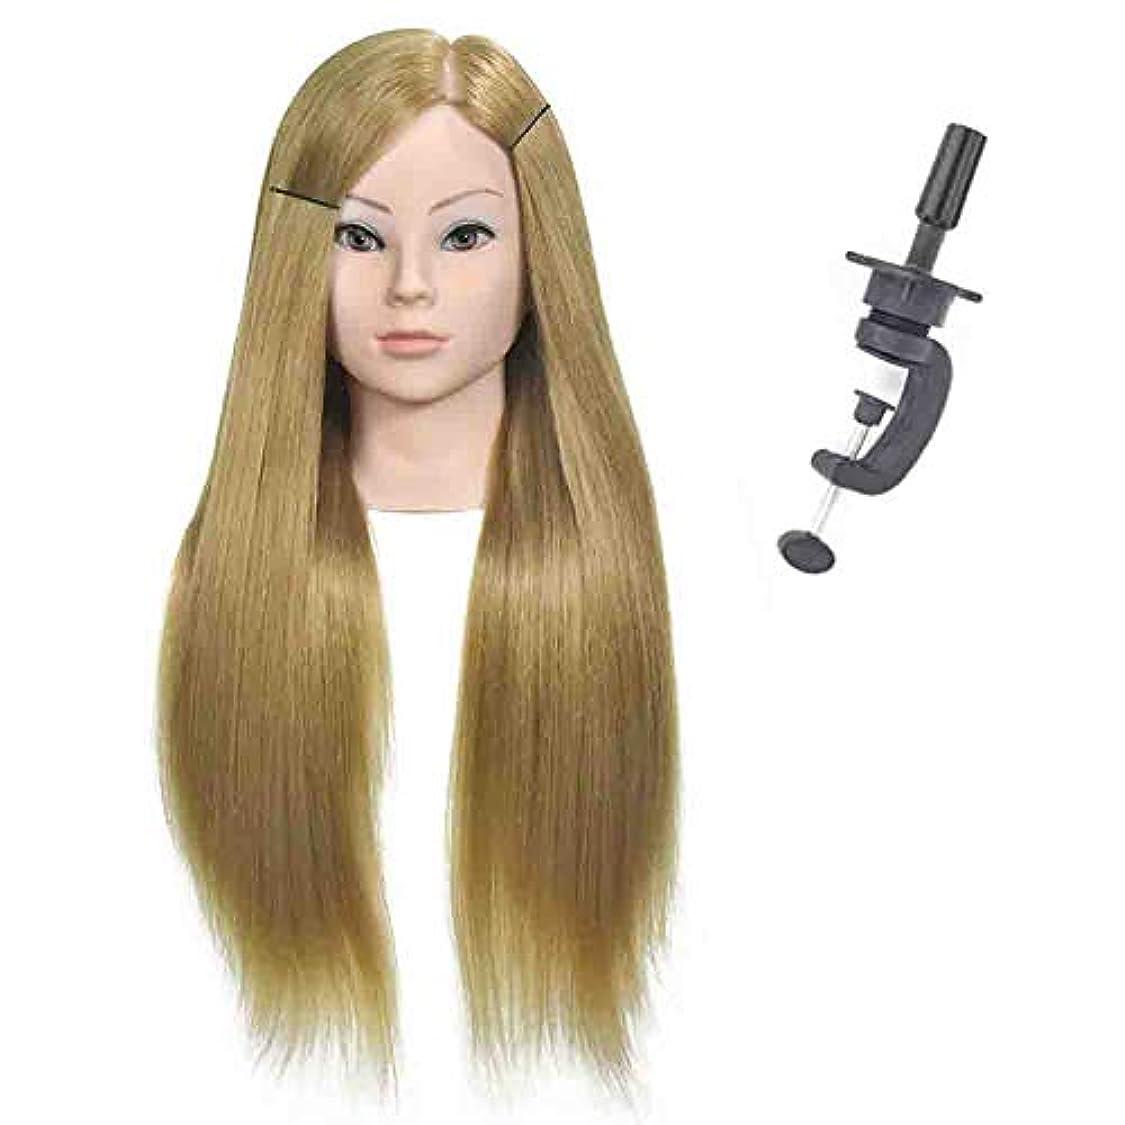 起訴する操縦する地区花嫁メイクモデリング教育ヘッド本物の人物ヘアダミーヘッドモデル理髪店学習パーマ髪染めモデルヘッド